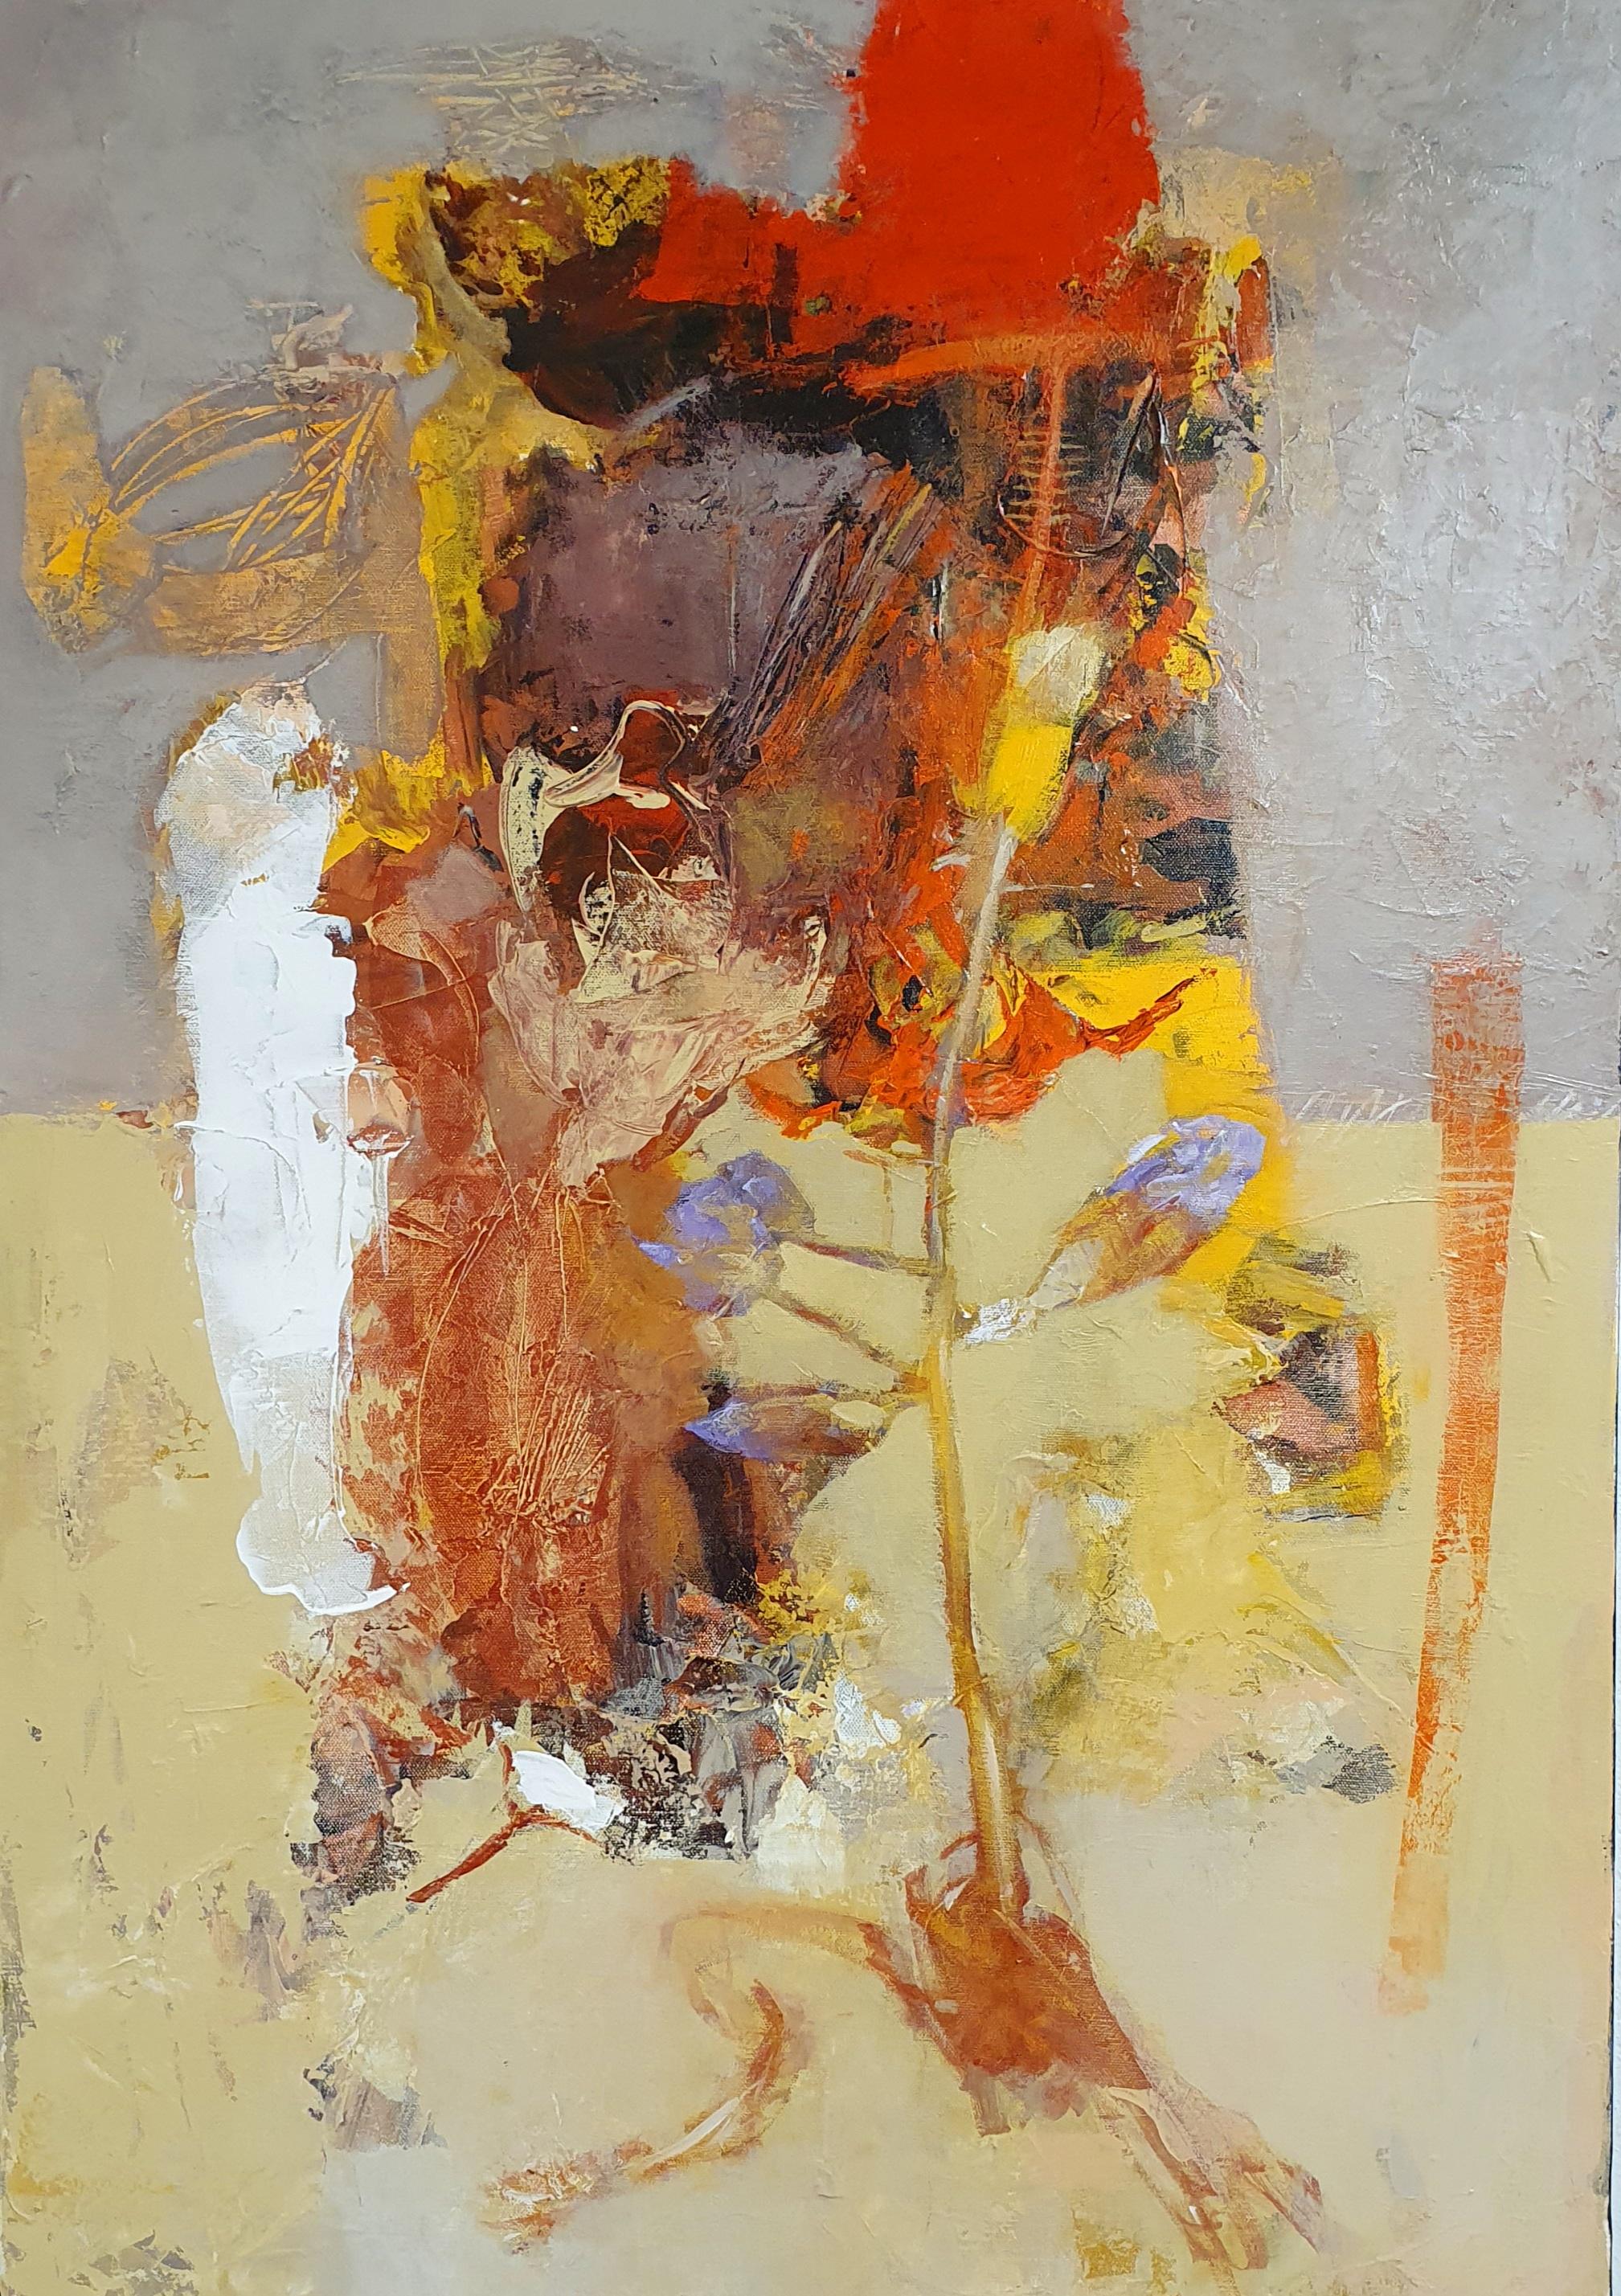 Oleg Bondarenko - Secret dance of nature VI, oil painting